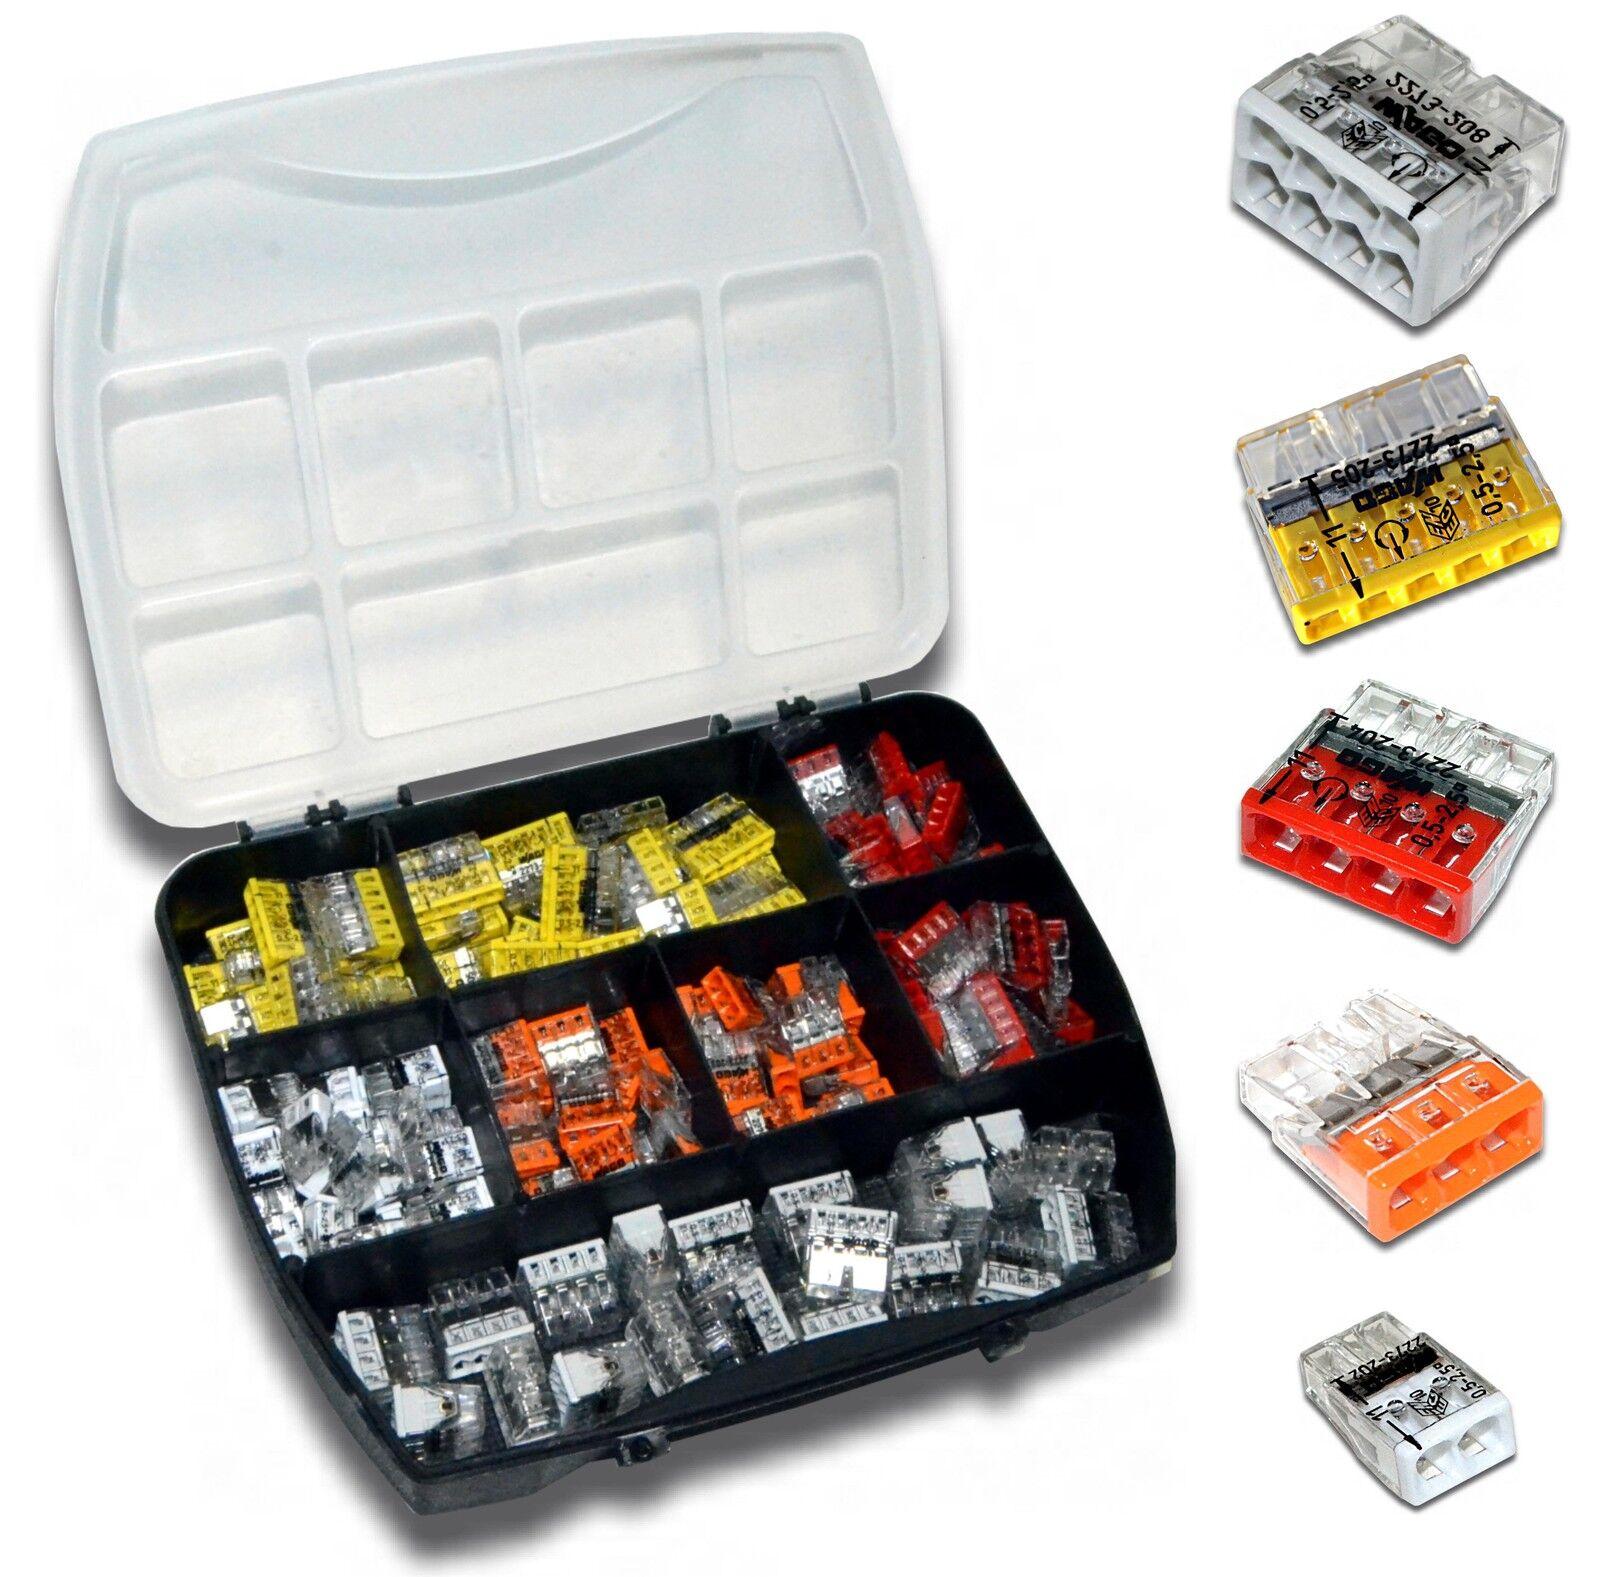 160 Stück | Sortiment WAGO Klemme | Wago 2273 | Box Set Verbindungsklemme